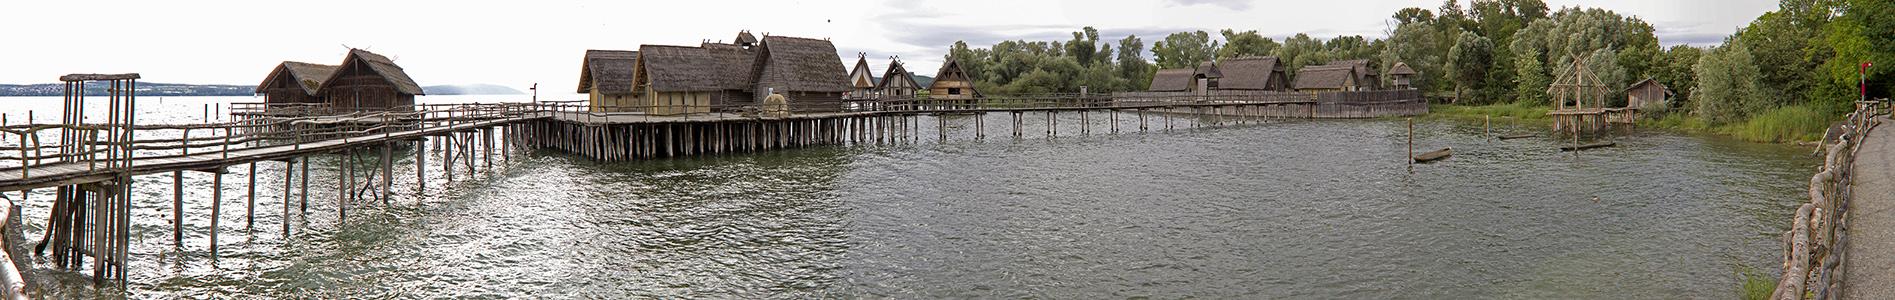 Unteruhldingen Pfahlbauten im Bodensee Pfahlbaumuseum